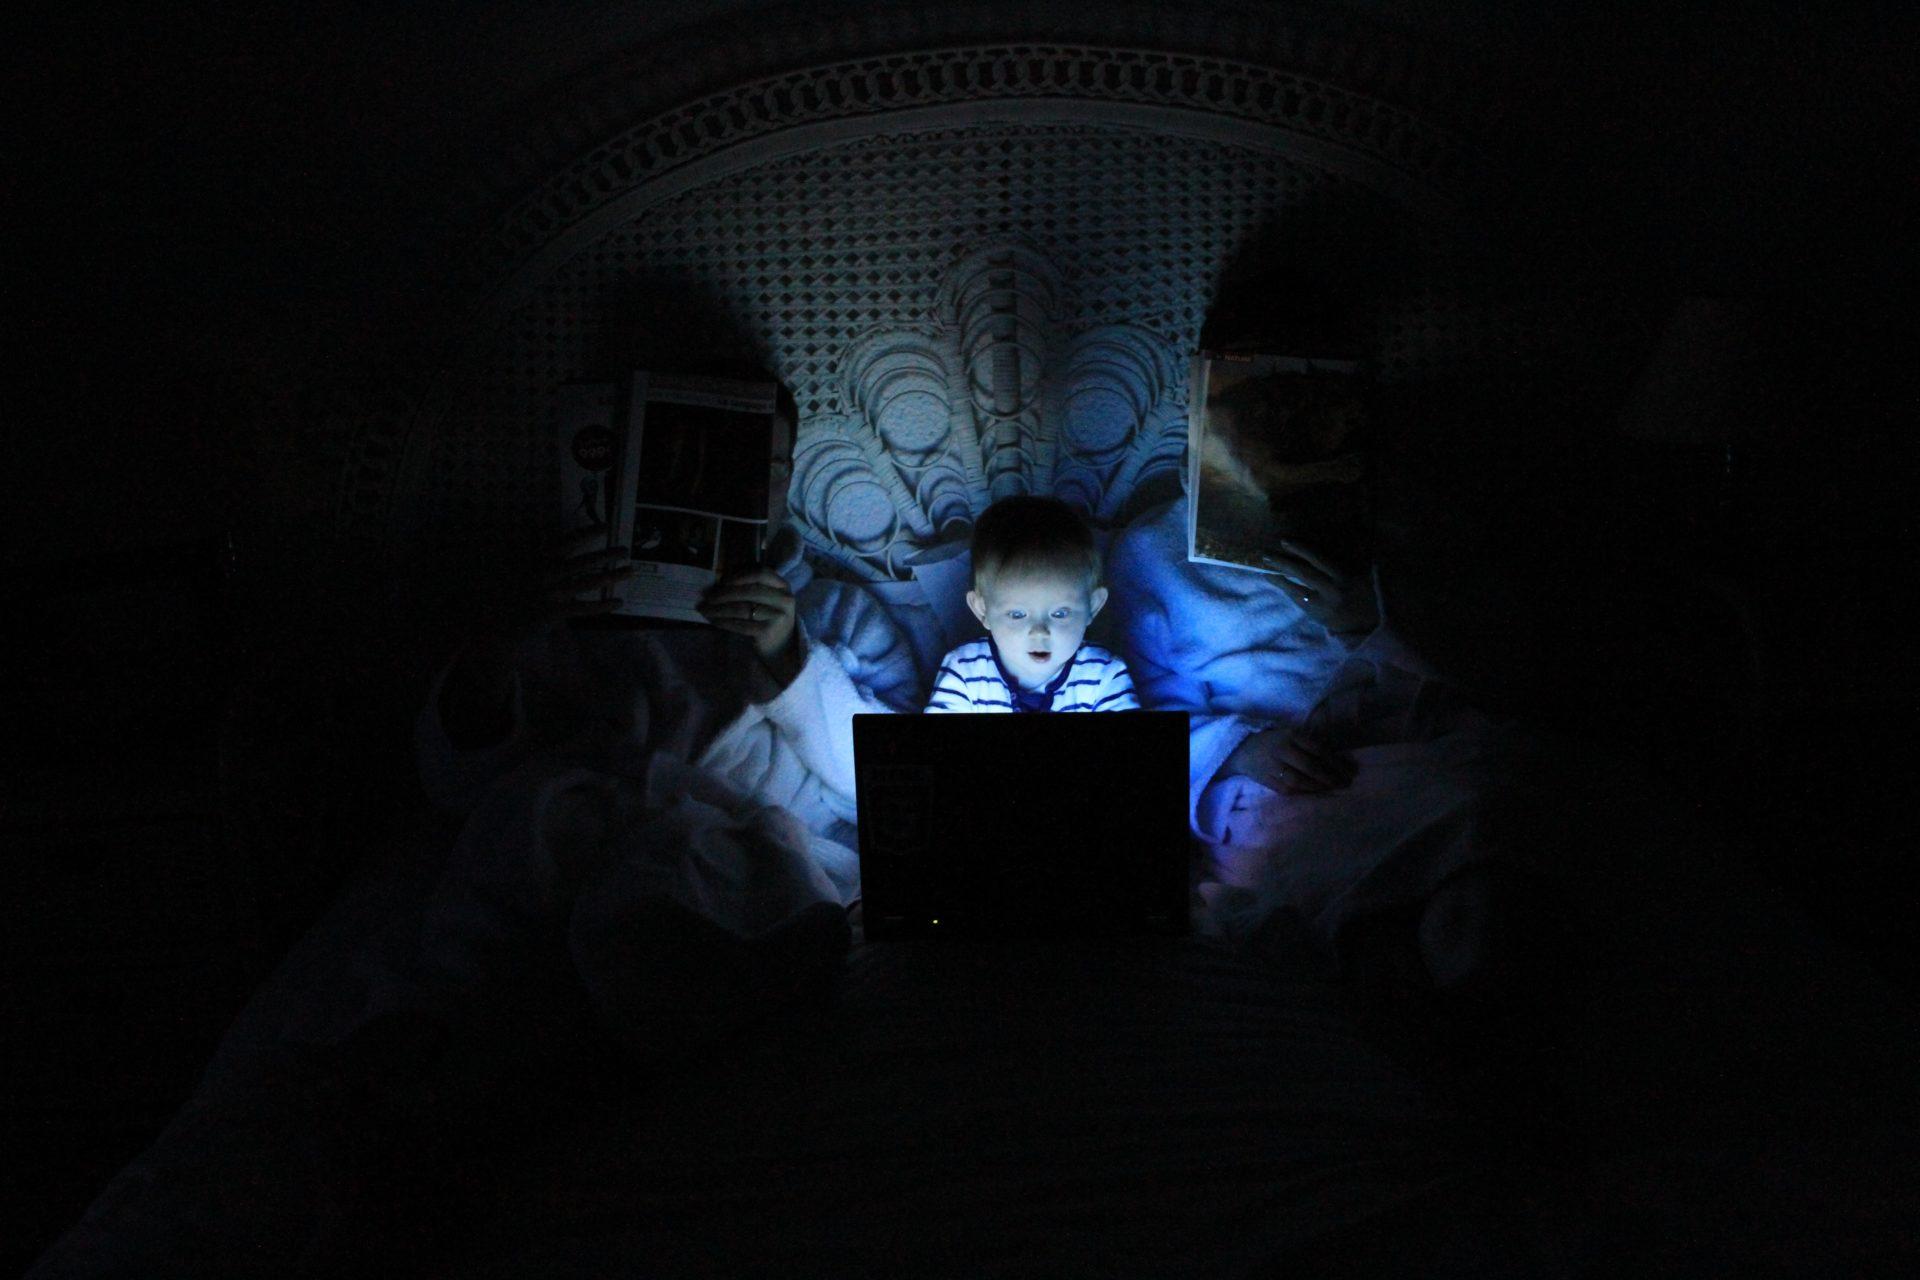 Český průzkum zjistil, jak děti využívají internet. Dominuje YouTube, dospělí mají obavy z TikToku